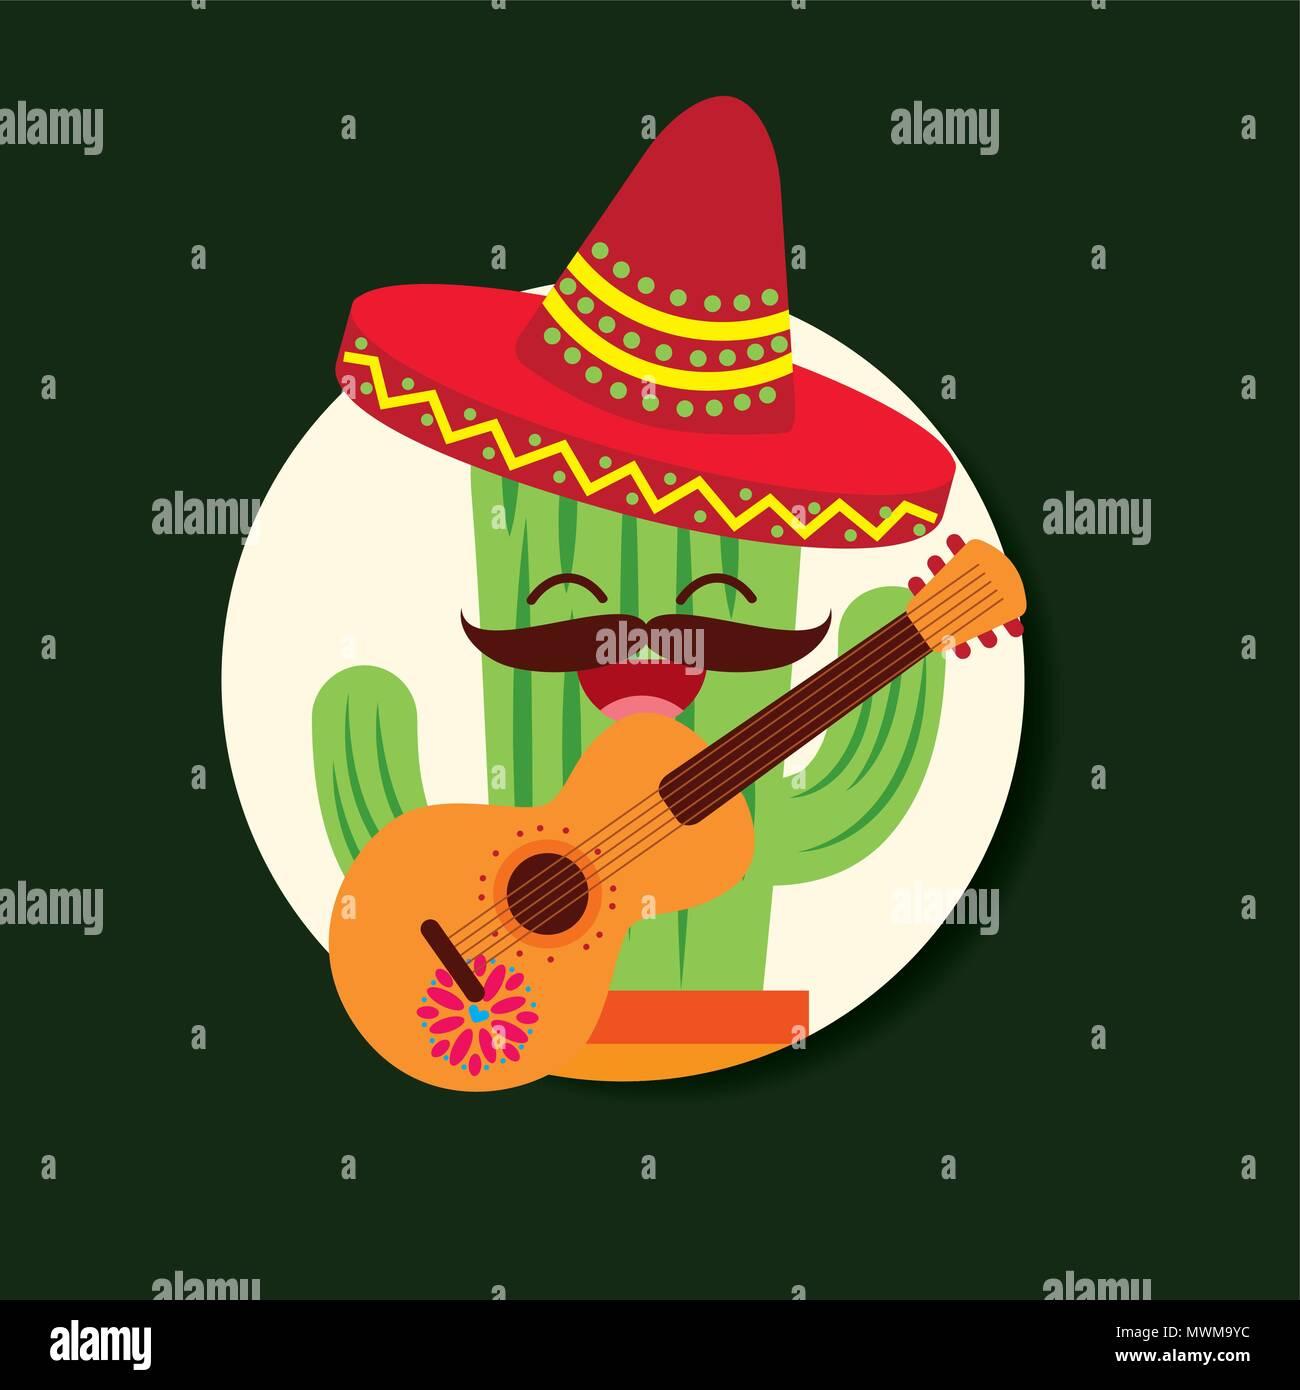 dc78177d3ab66 Feliz caricatura cactus con sombrero y guitarra VIVA MÉXICO ilustración  vectorial